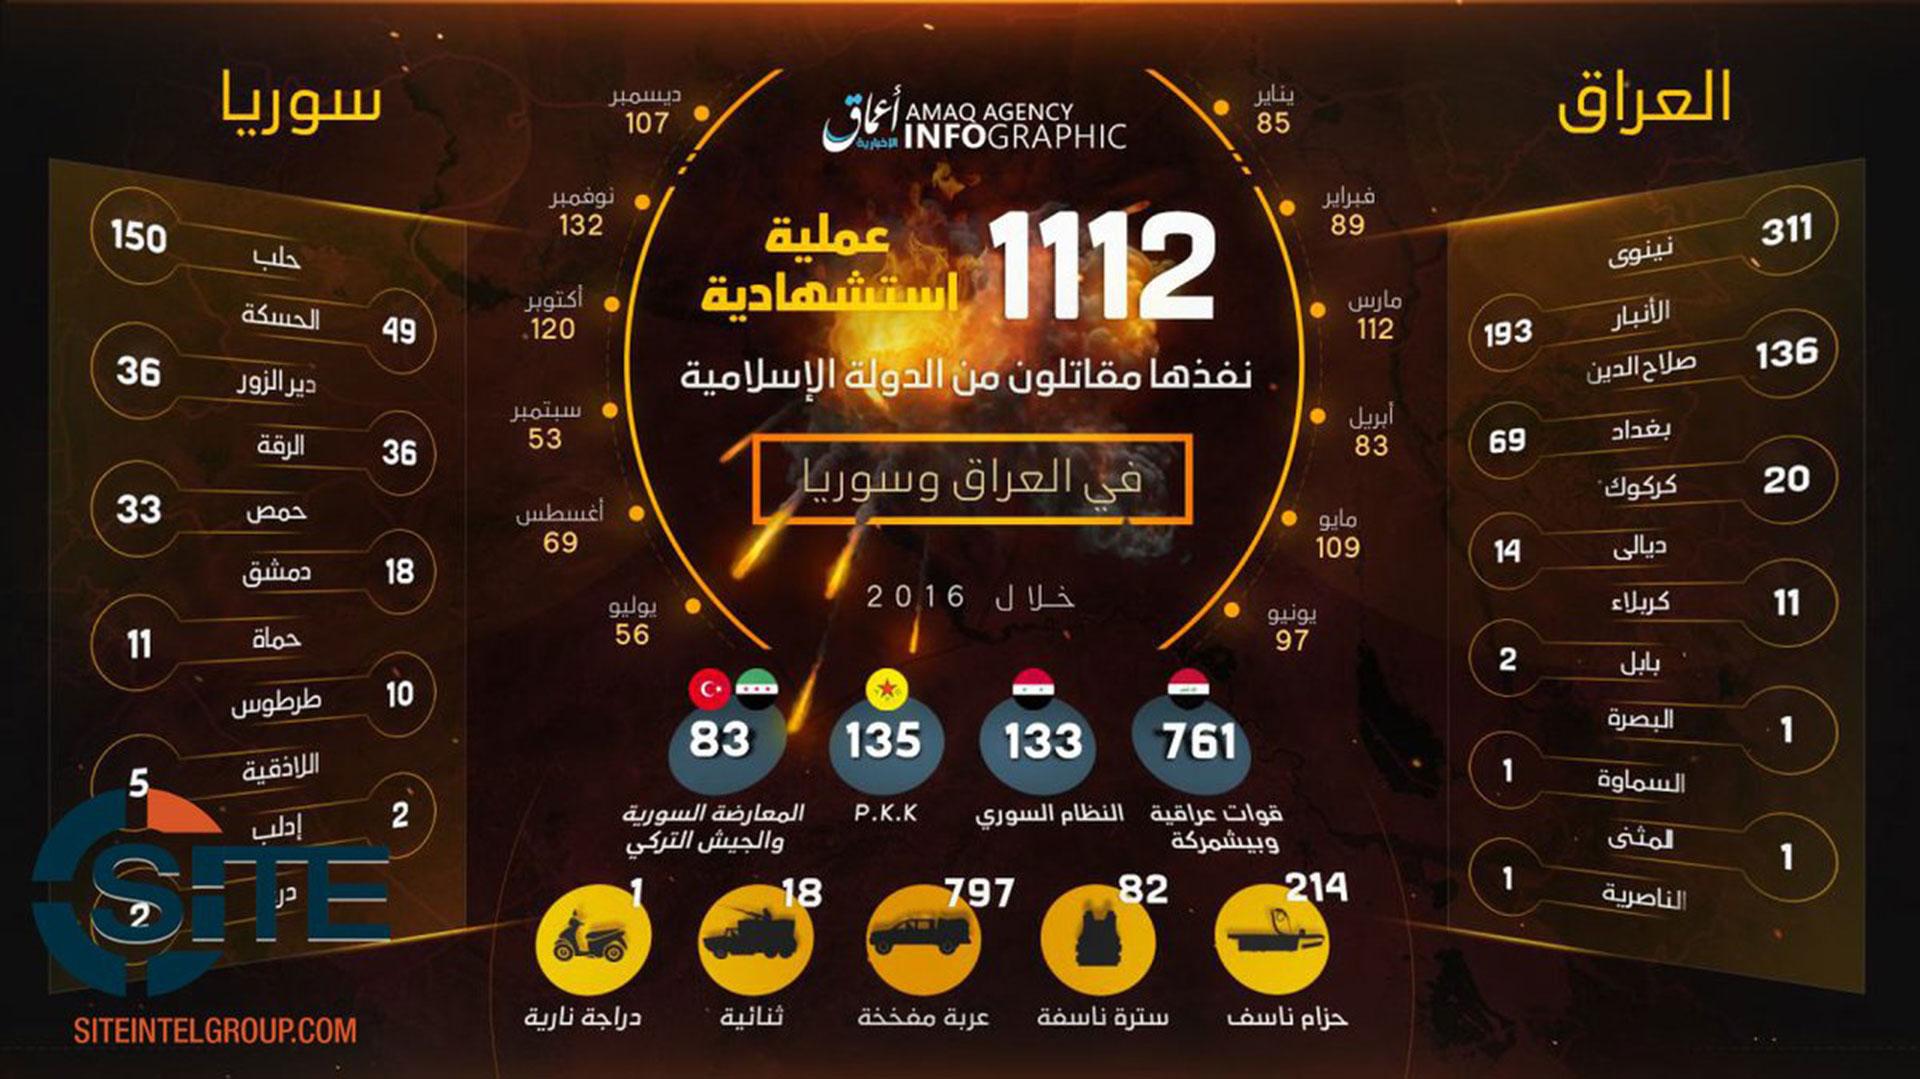 Una infografía distribuida por Amaq y recolectada por el sitio de monitoreo yihadista Site: los 1.112 atentados suicidas en Siria e Irak en 2016 y sus detalles